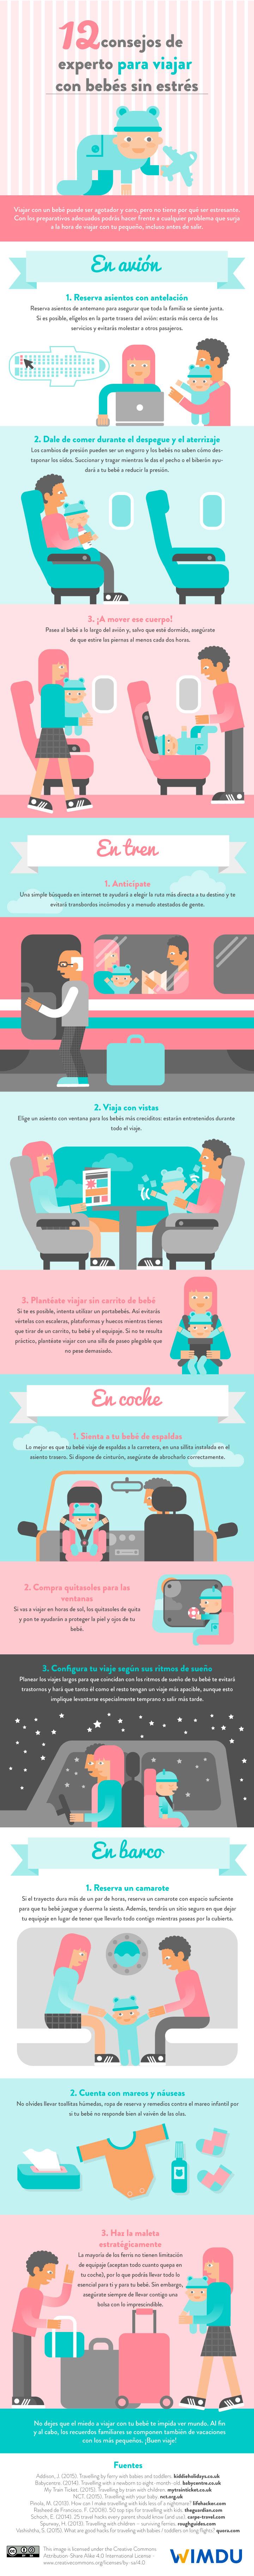 12 consejos de experto para viajar con bebes sin estres